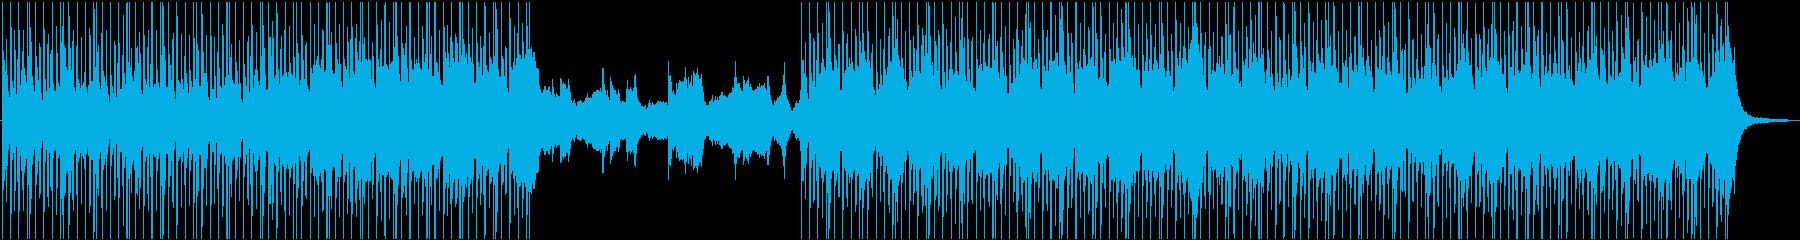 アコギとピアノの優しく温かいBGMの再生済みの波形